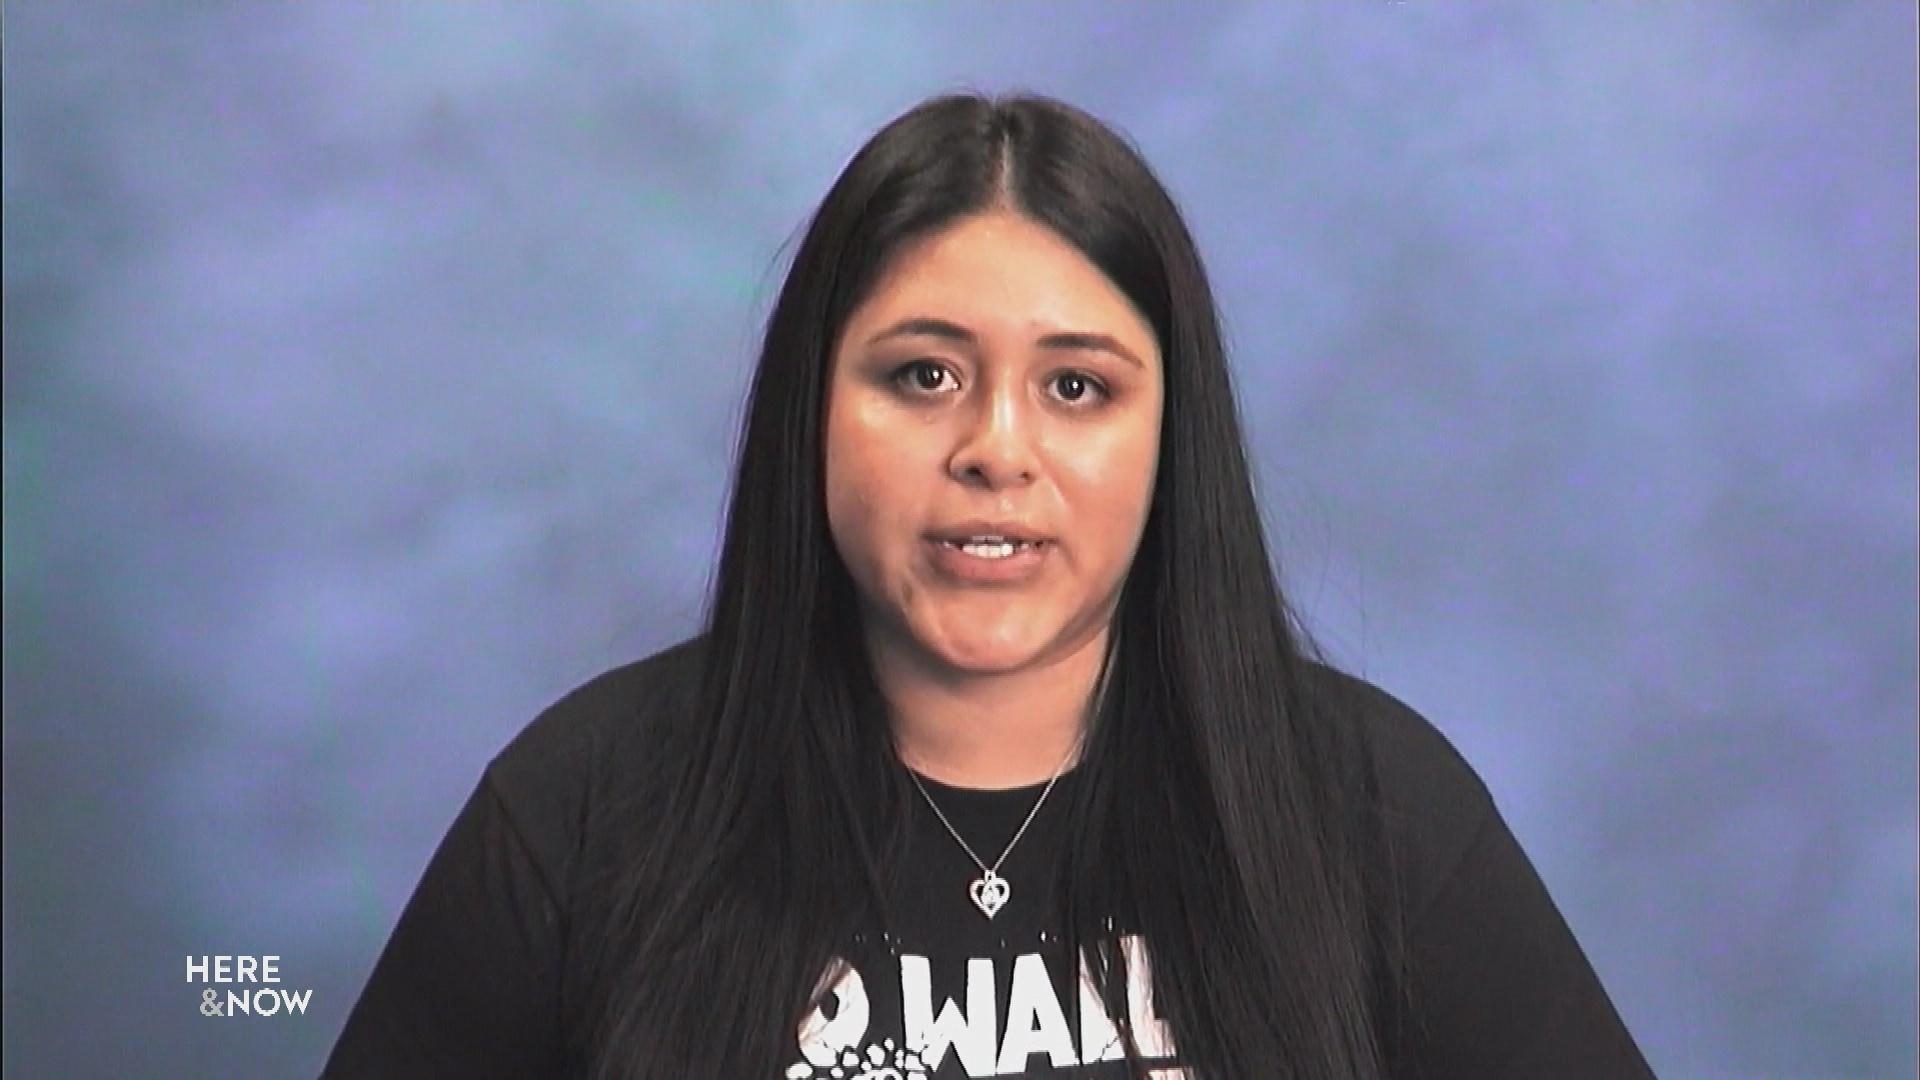 Voces De La Frontera Leader Reacts to Challenges to DACA